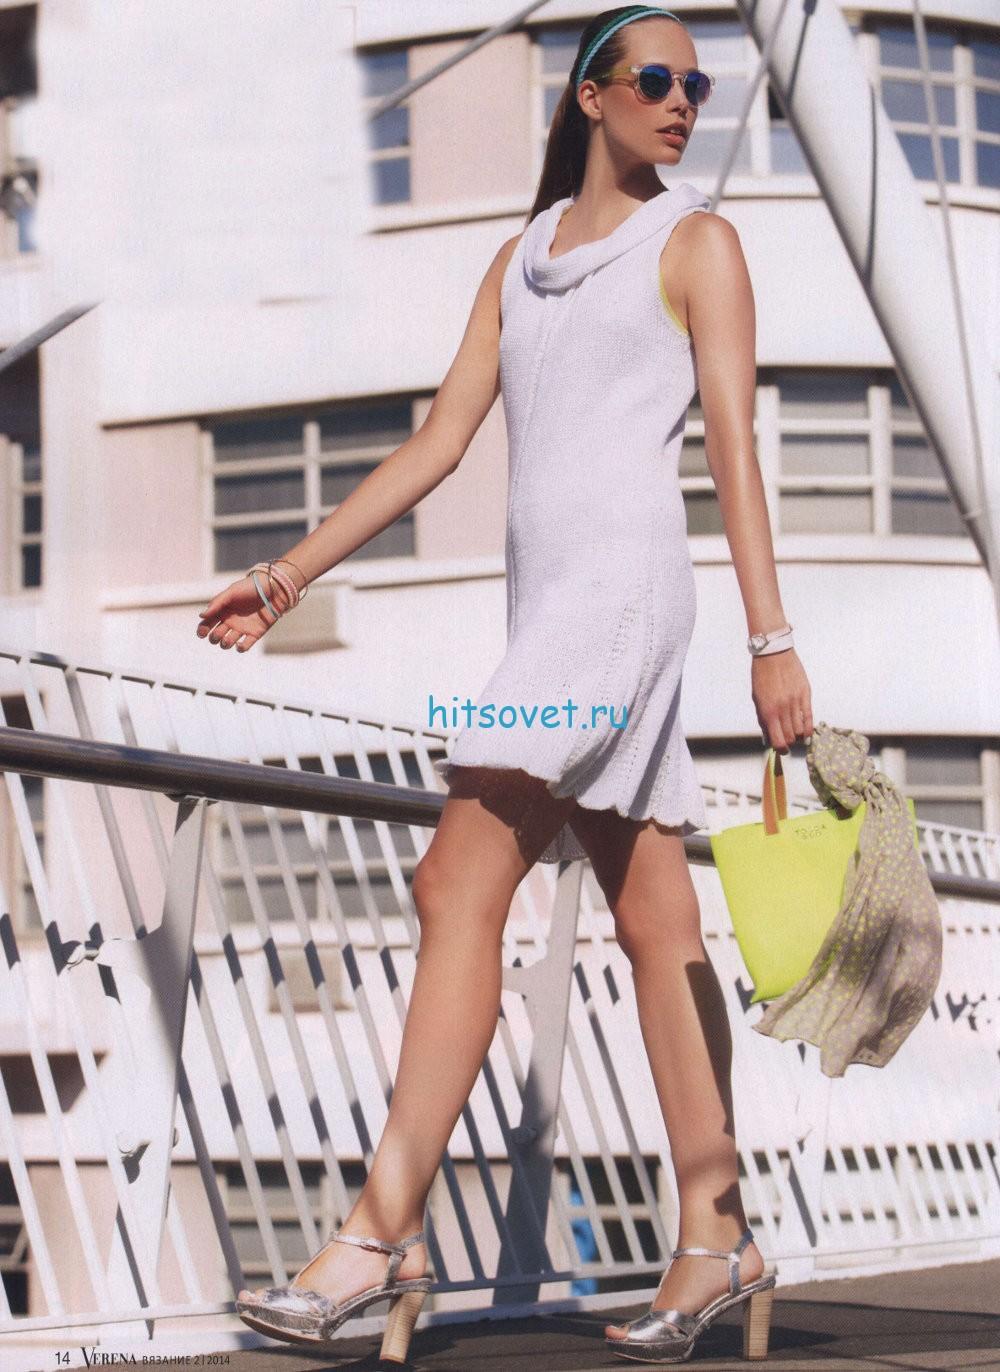 Вязаное белое платье, фото.